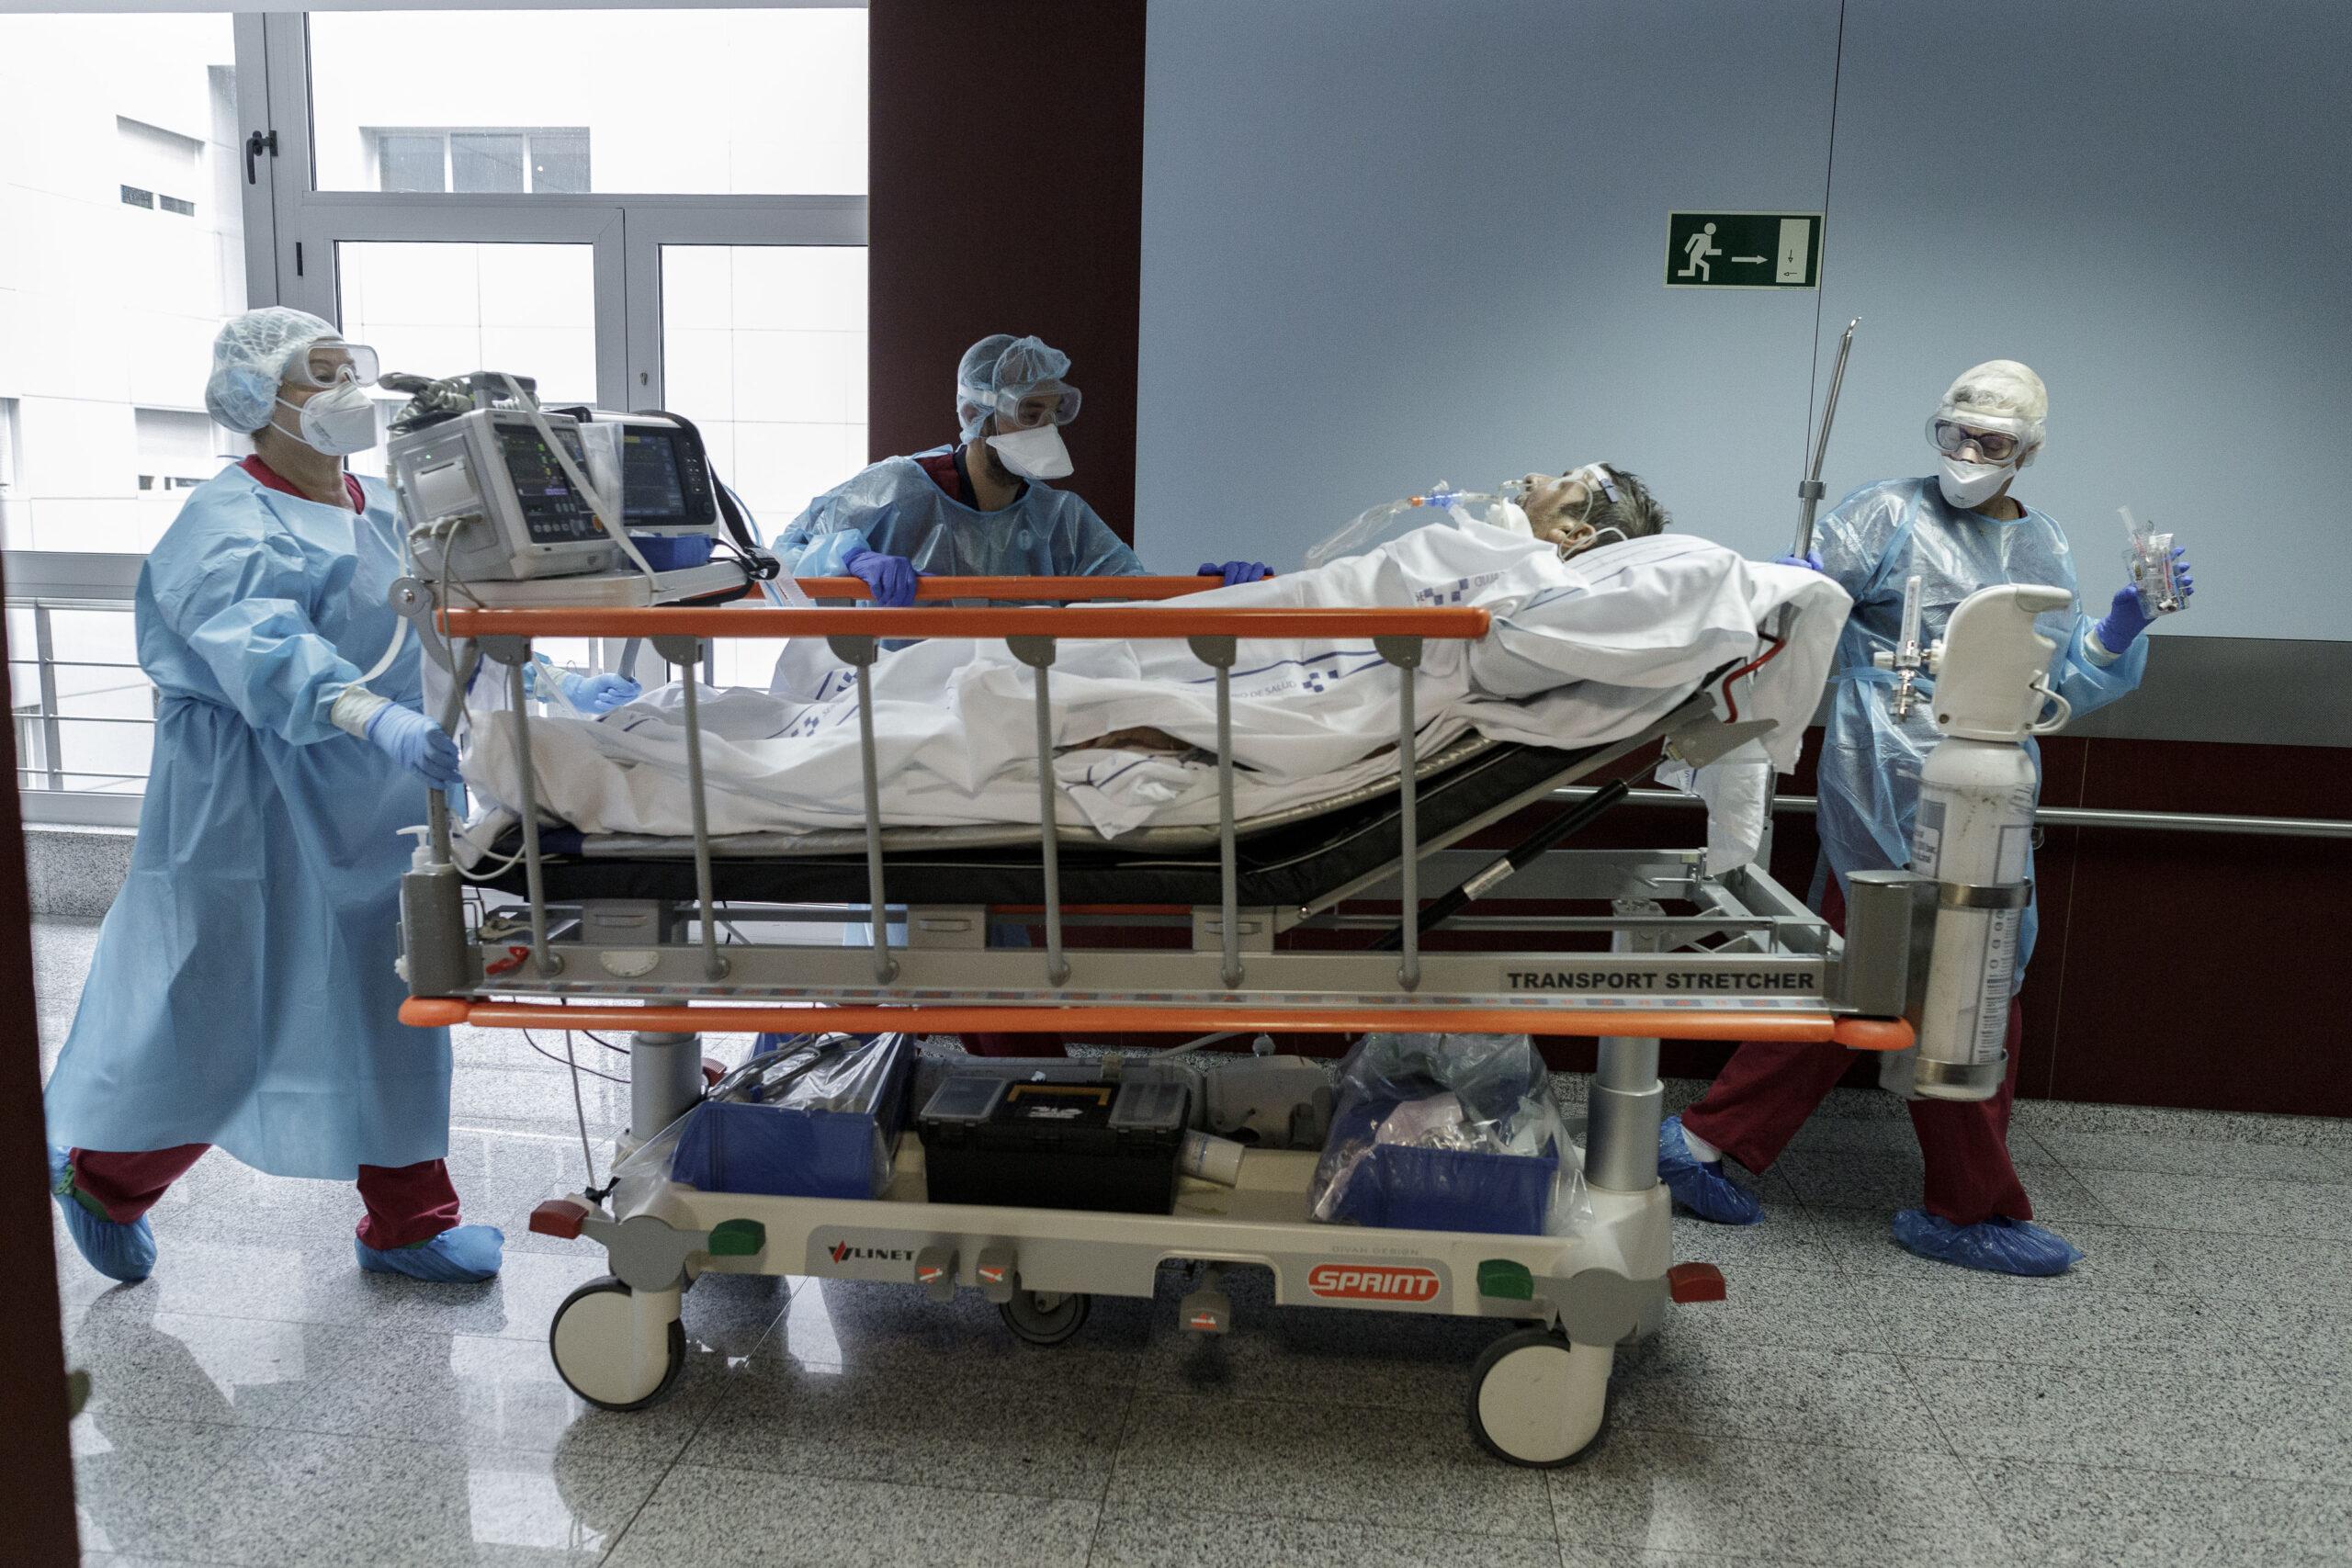 Mención de Honor. Categoría: Sociedad (Serie). Personal sanitario traslada a la sala de rayos X a un enfermo de Covid-19 en la UCI del Hospital Universitario Nuestra Señora de Candelaria. Ramón de la Rocha